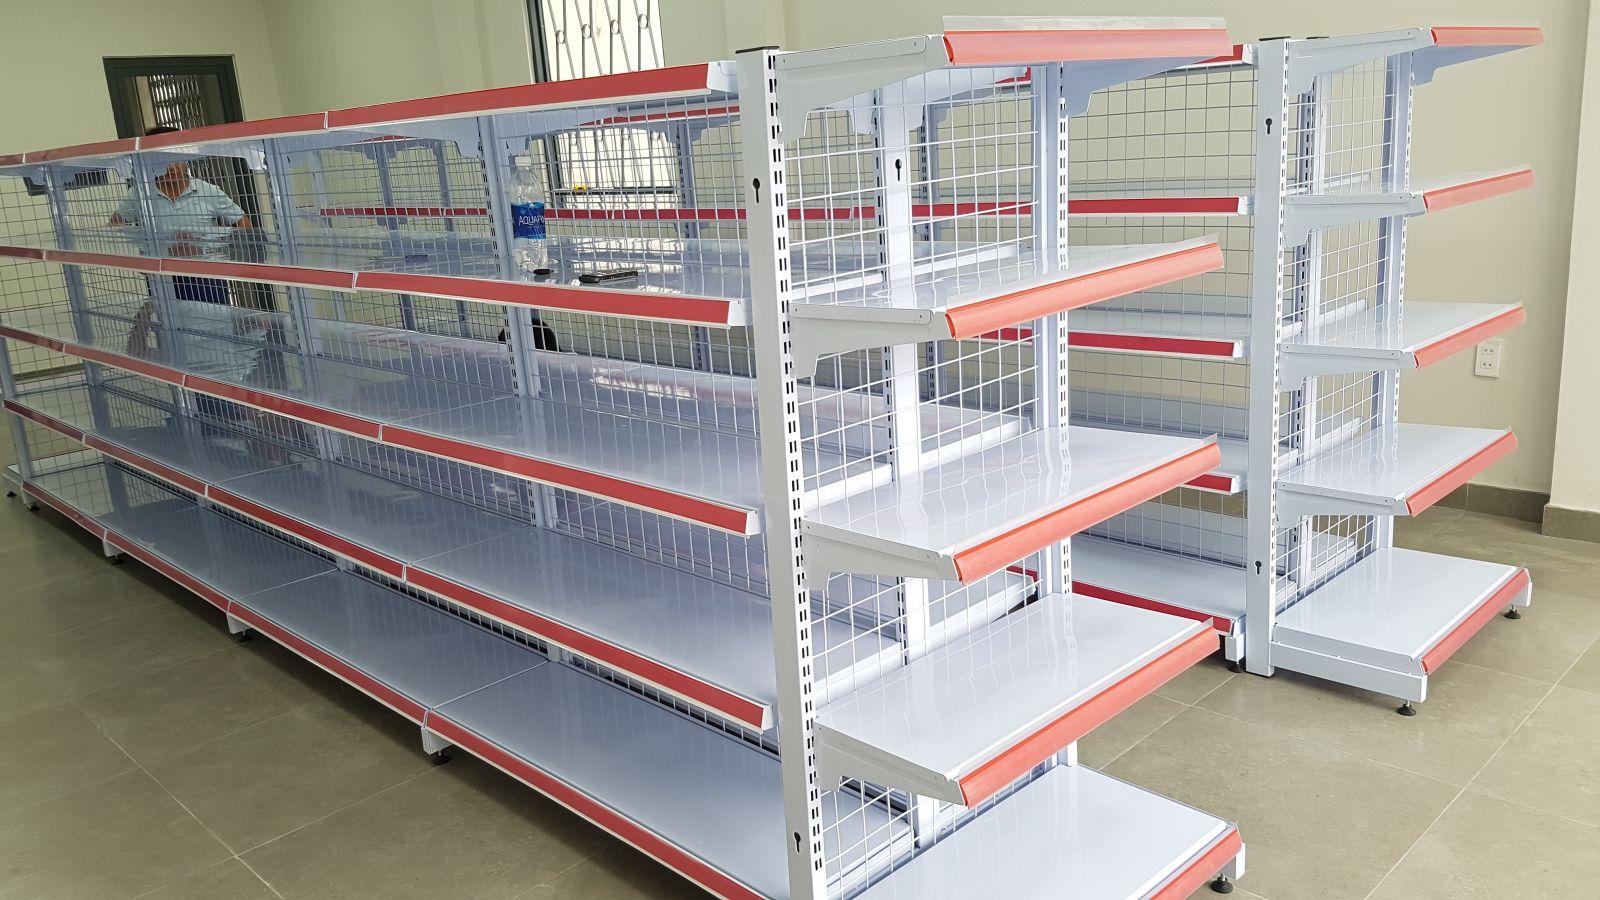 Kệ sắt để hàng đa năng | Sản xuất tại xưởng